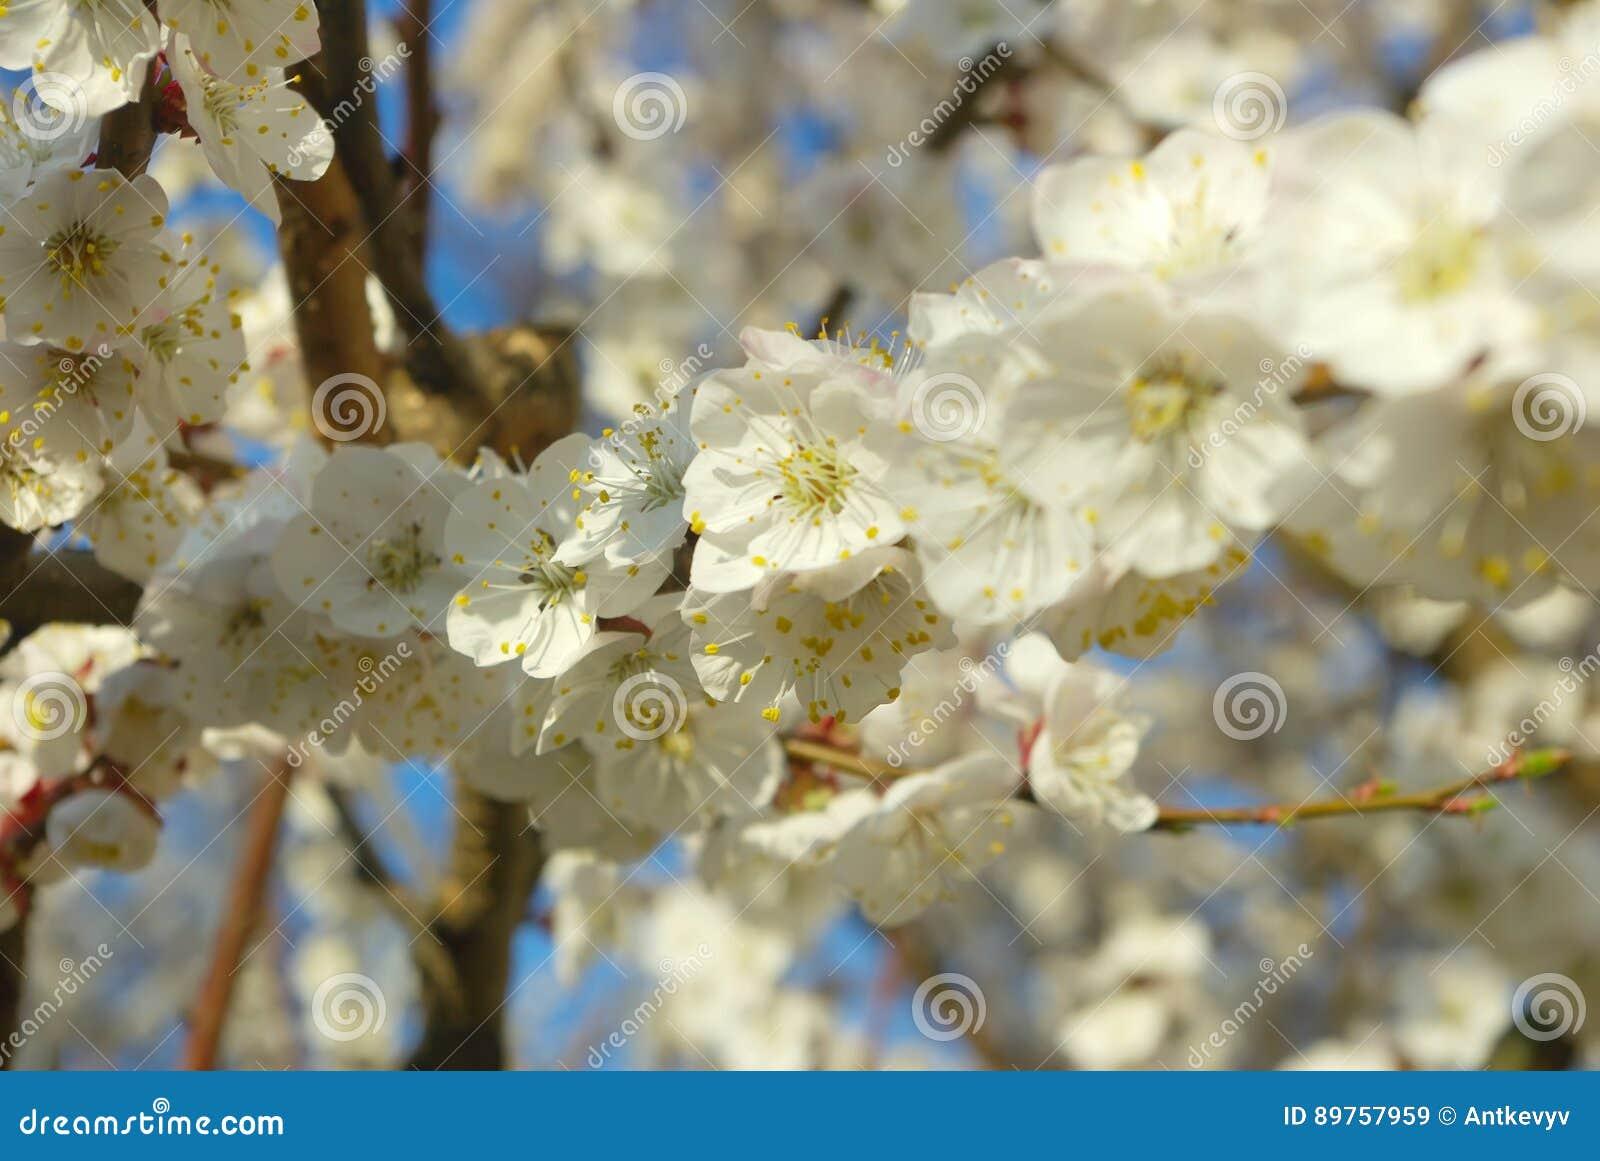 printemps se développant saisonnier d'arbre fleur de blanc de